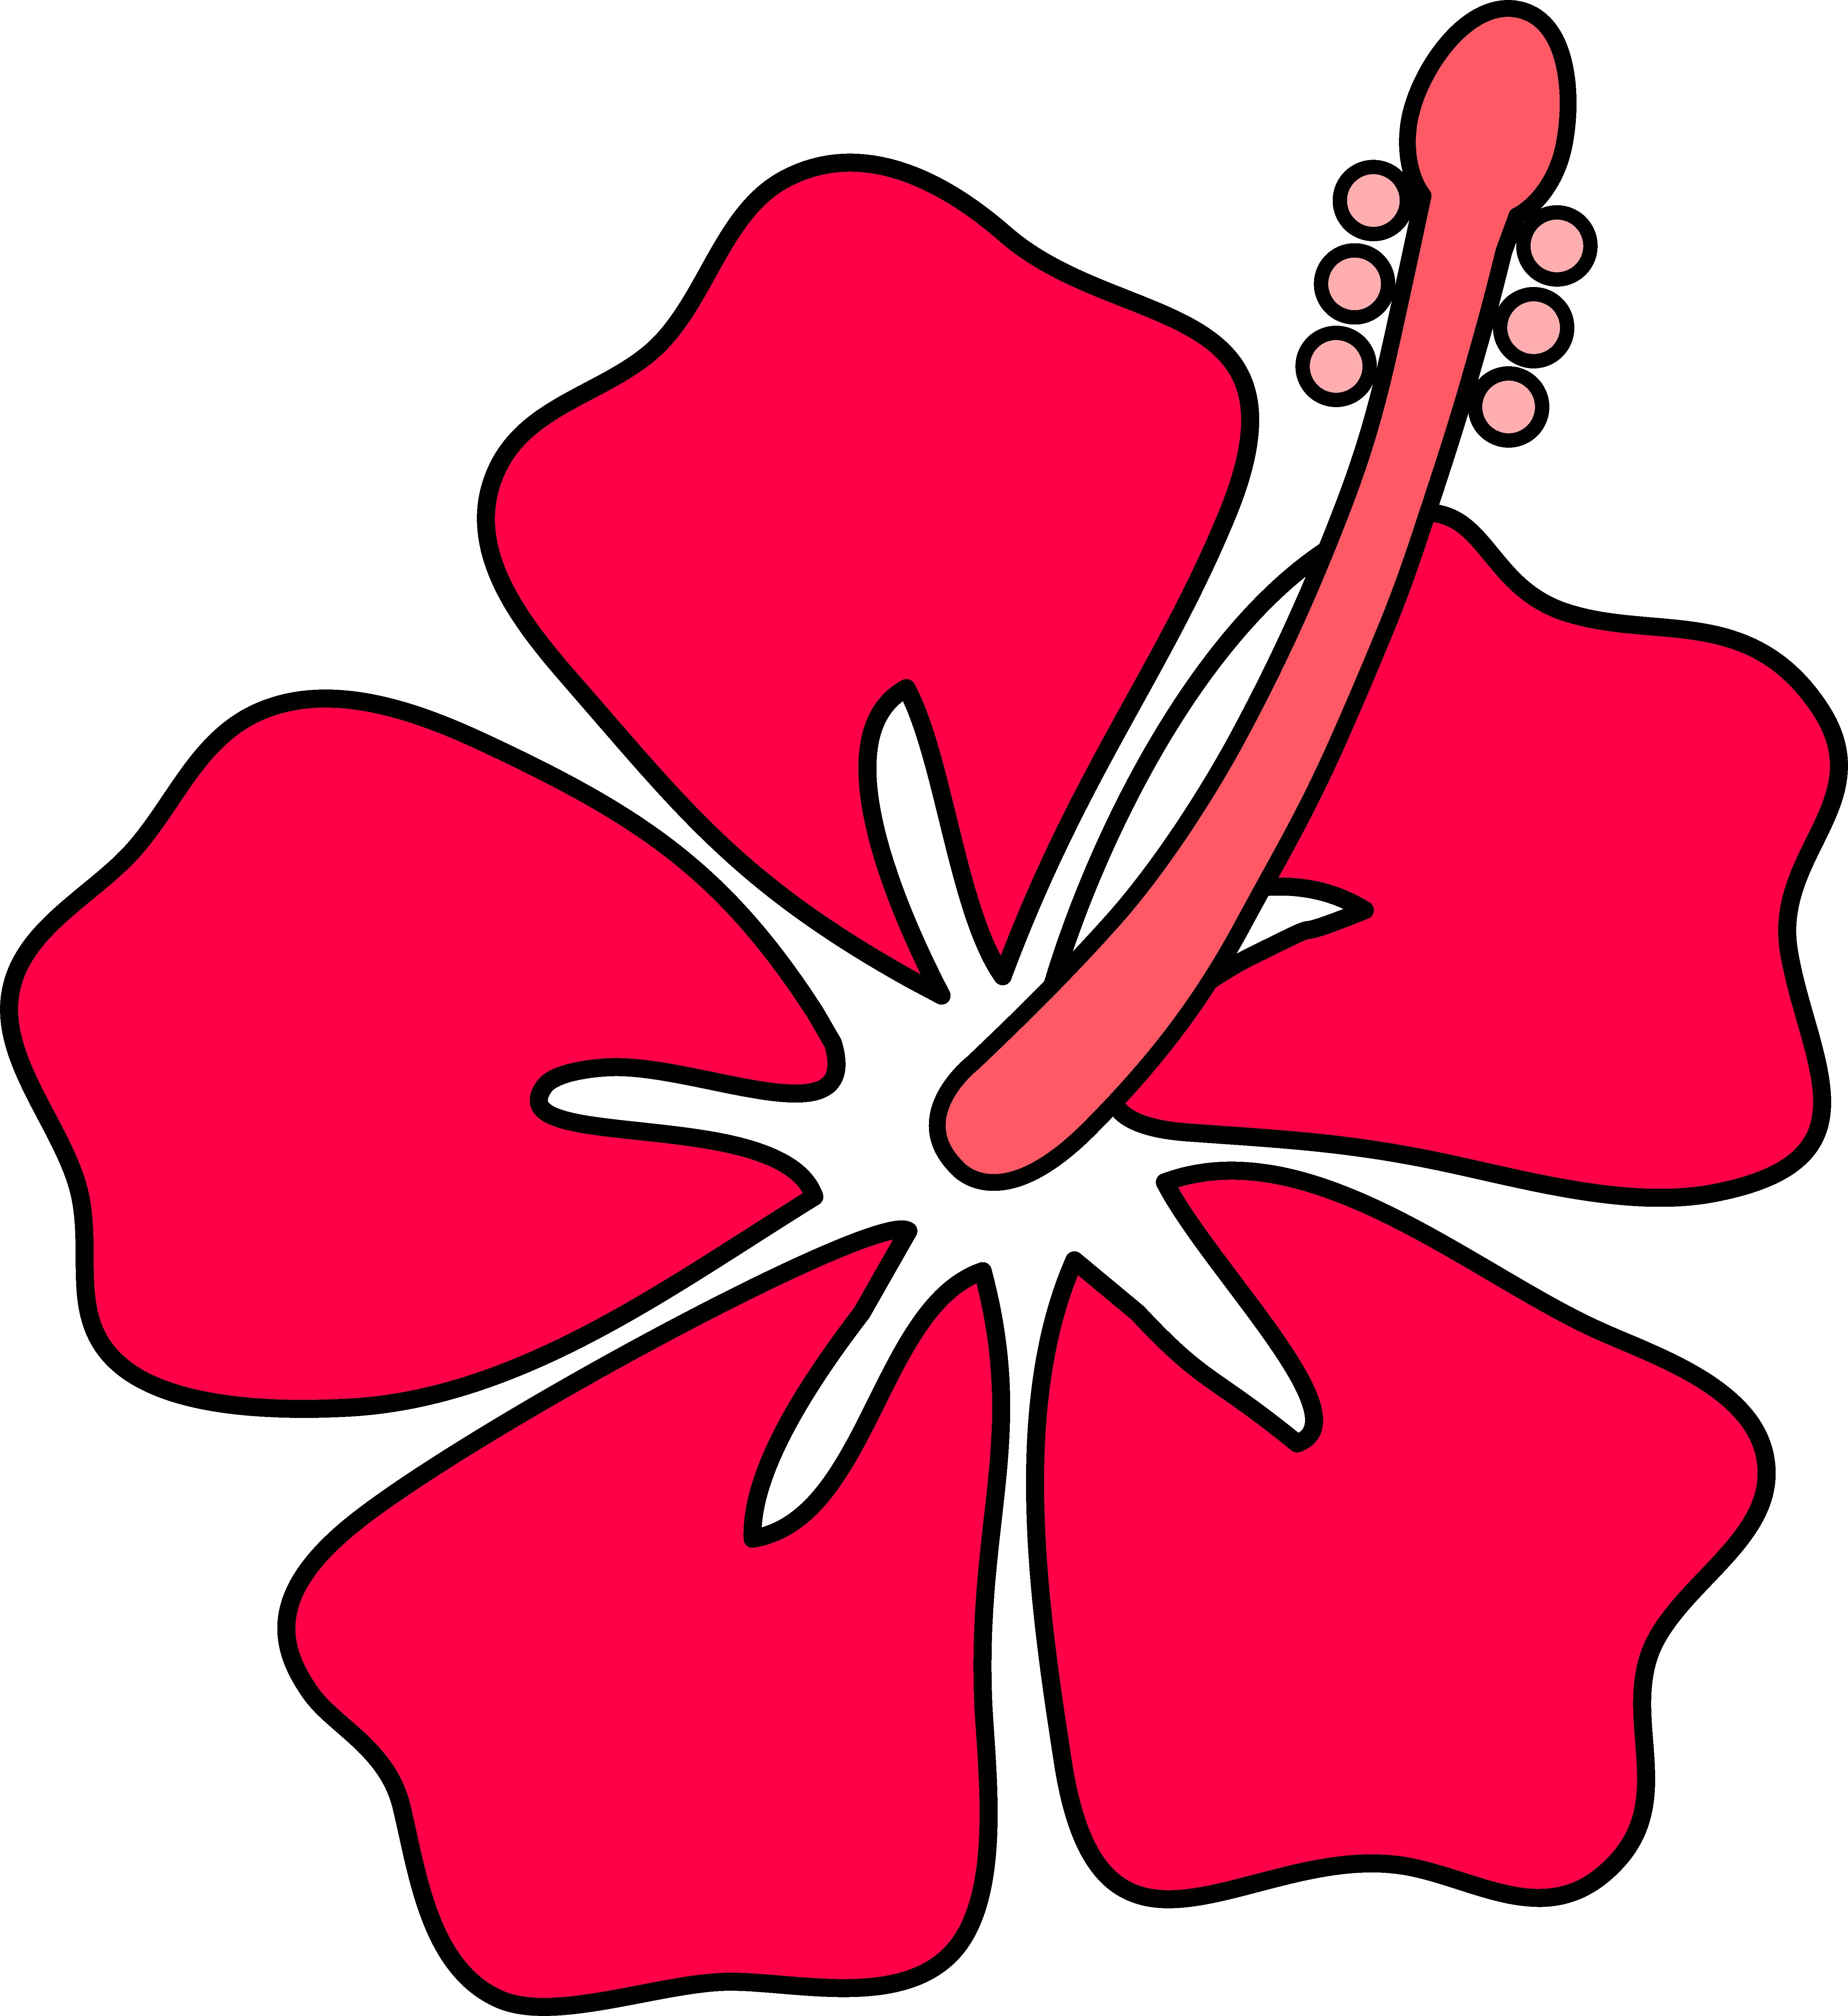 Red Flower clipart outline Outline Image at Flower Clker